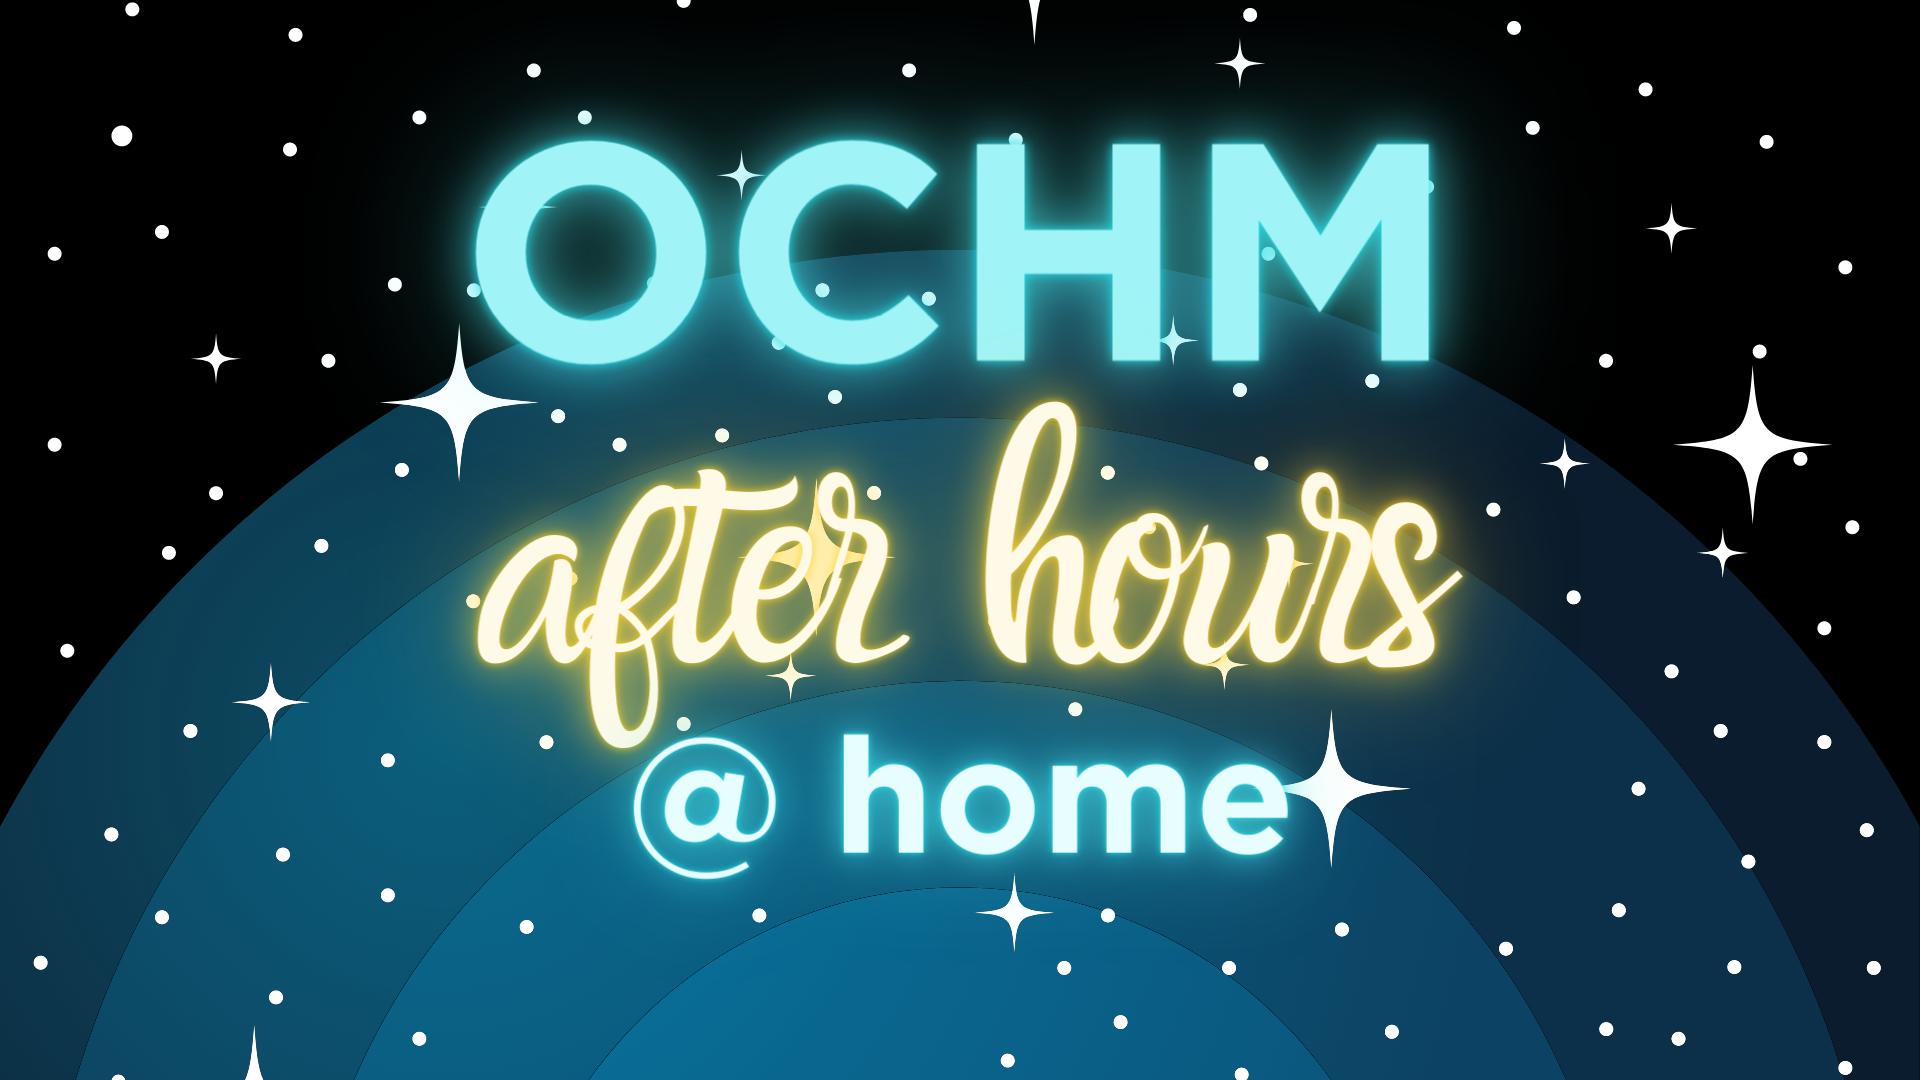 OCHM After Hours @ Home